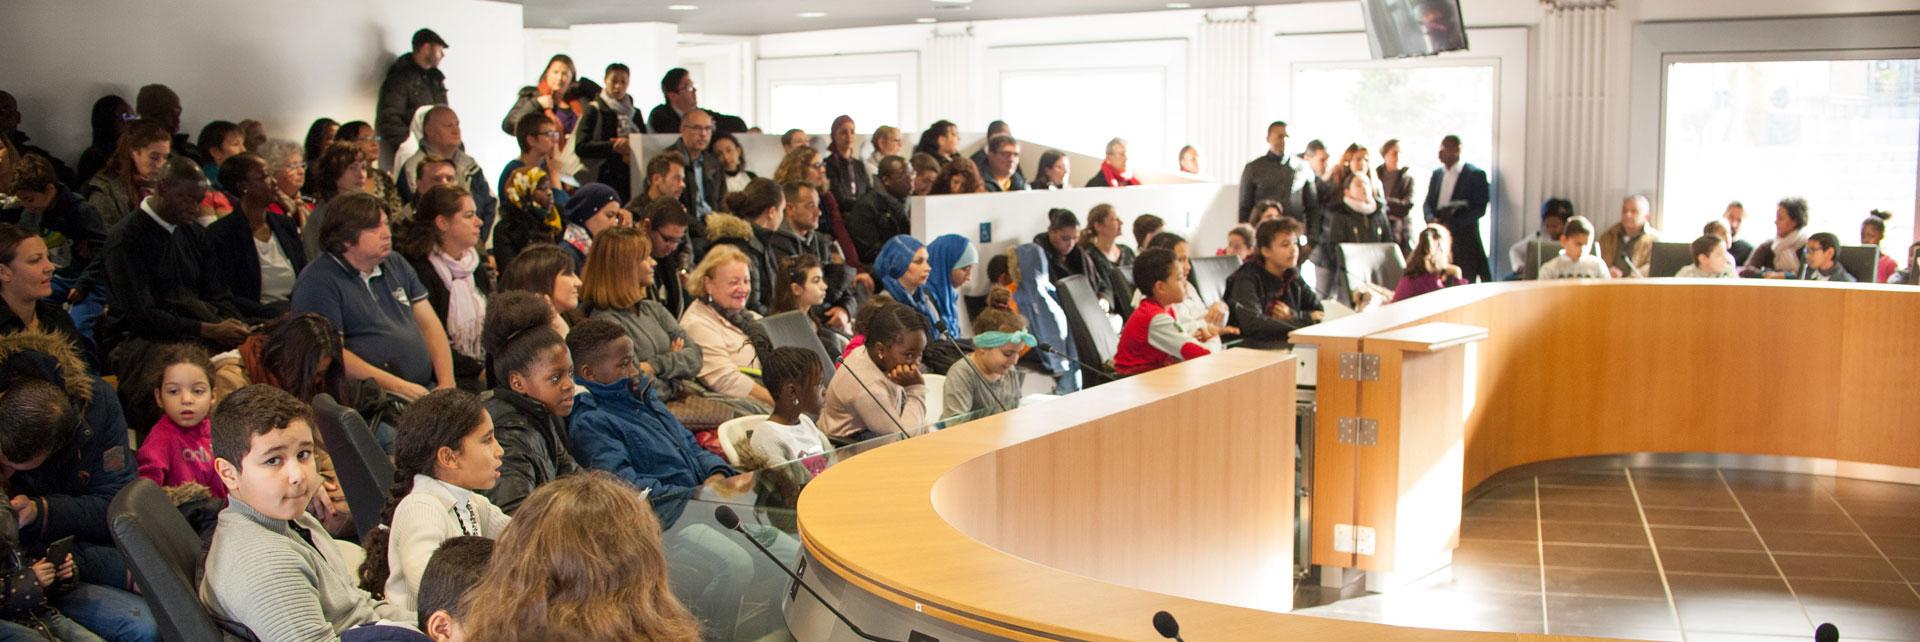 Conseils d 39 enfants ville de cergy - Piscine du parvis cergy ...